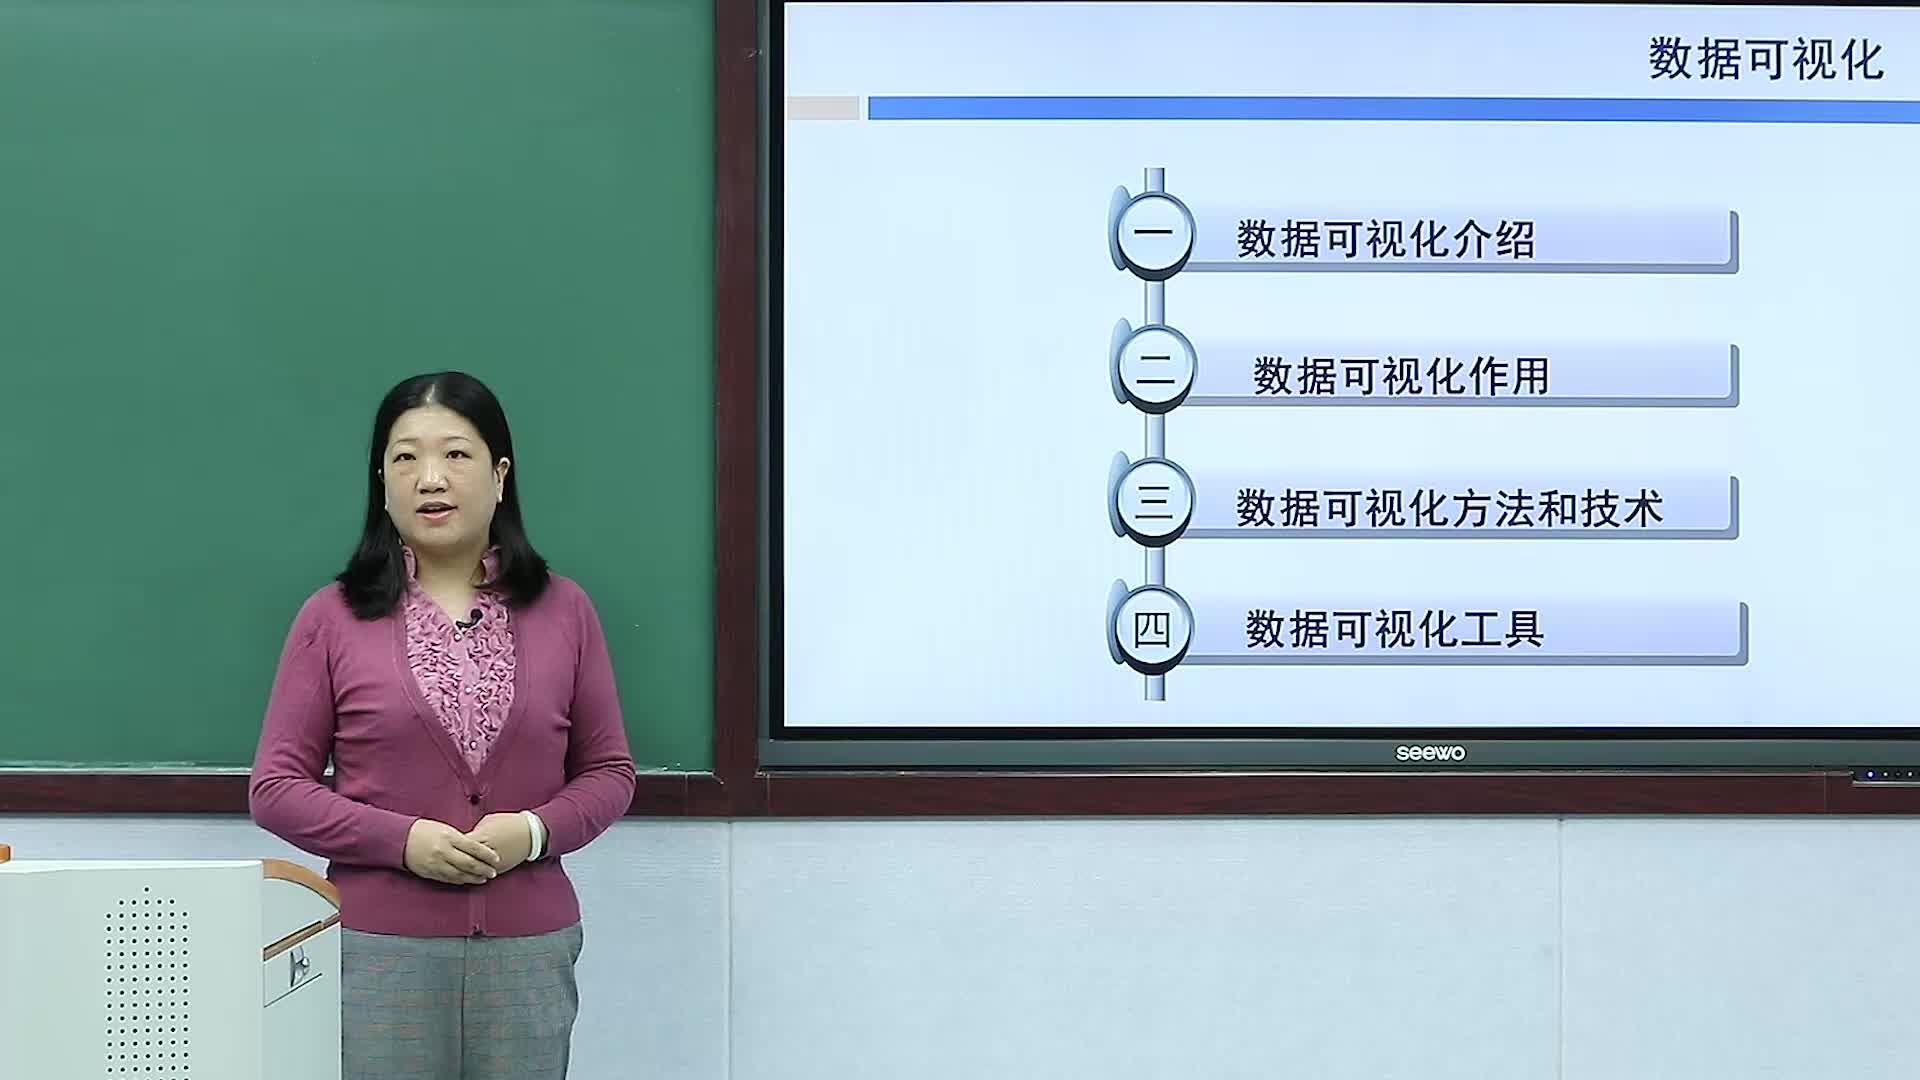 北京理工大学慕课——袁汉宁:数据可视化(一)